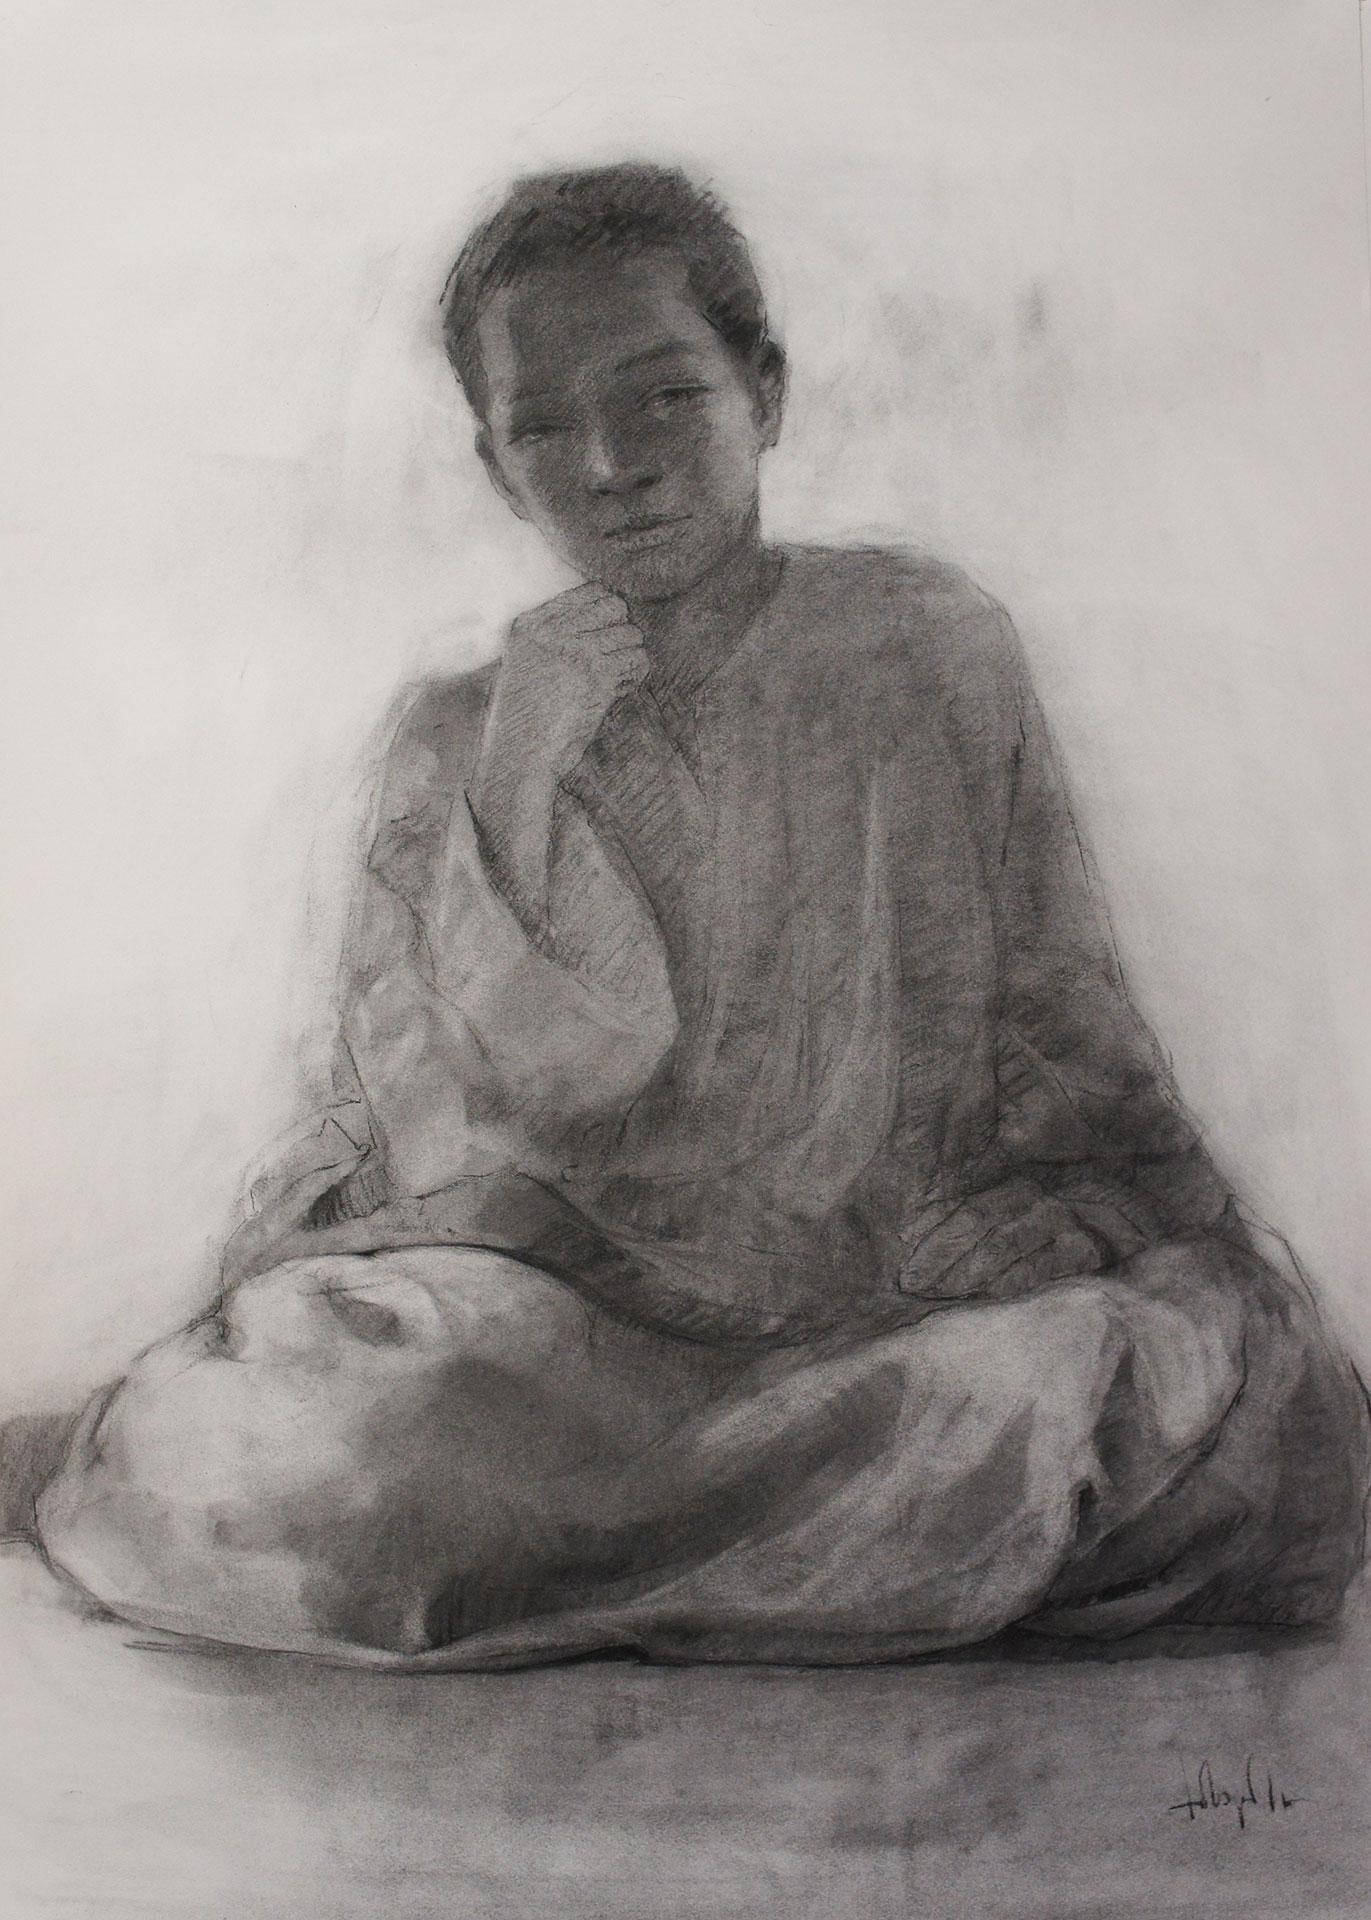 Petit-tuareg-carboncillo-100x70-cm